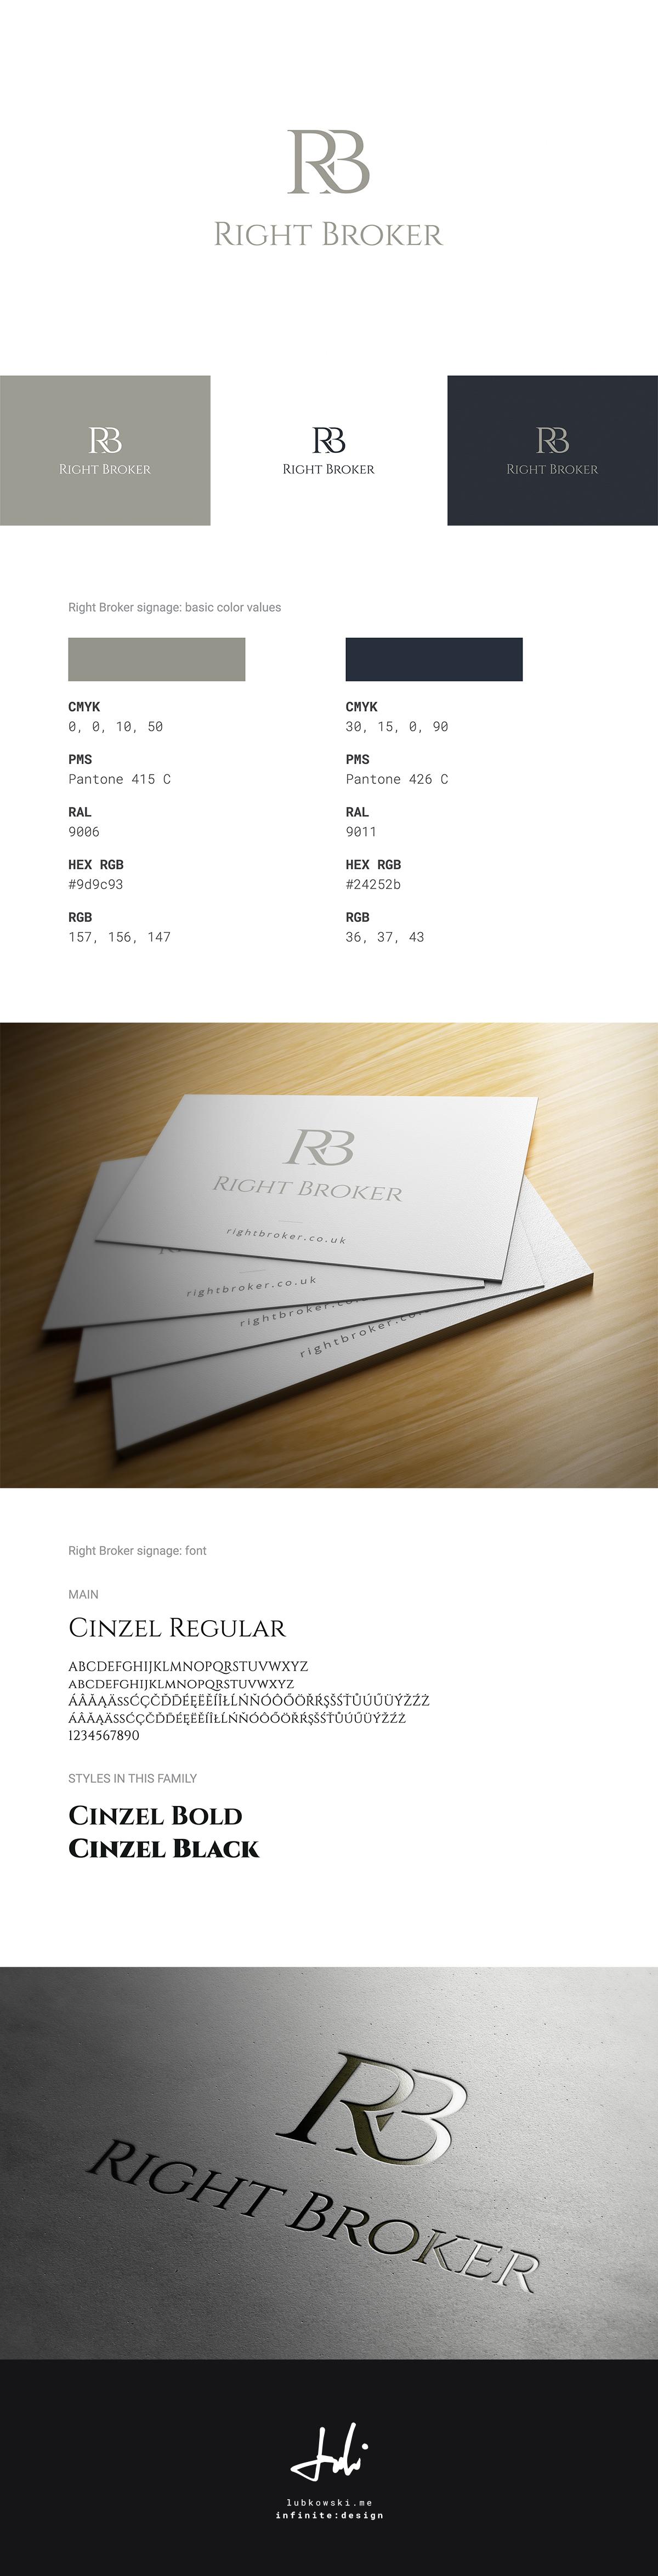 Rightbroker: logo